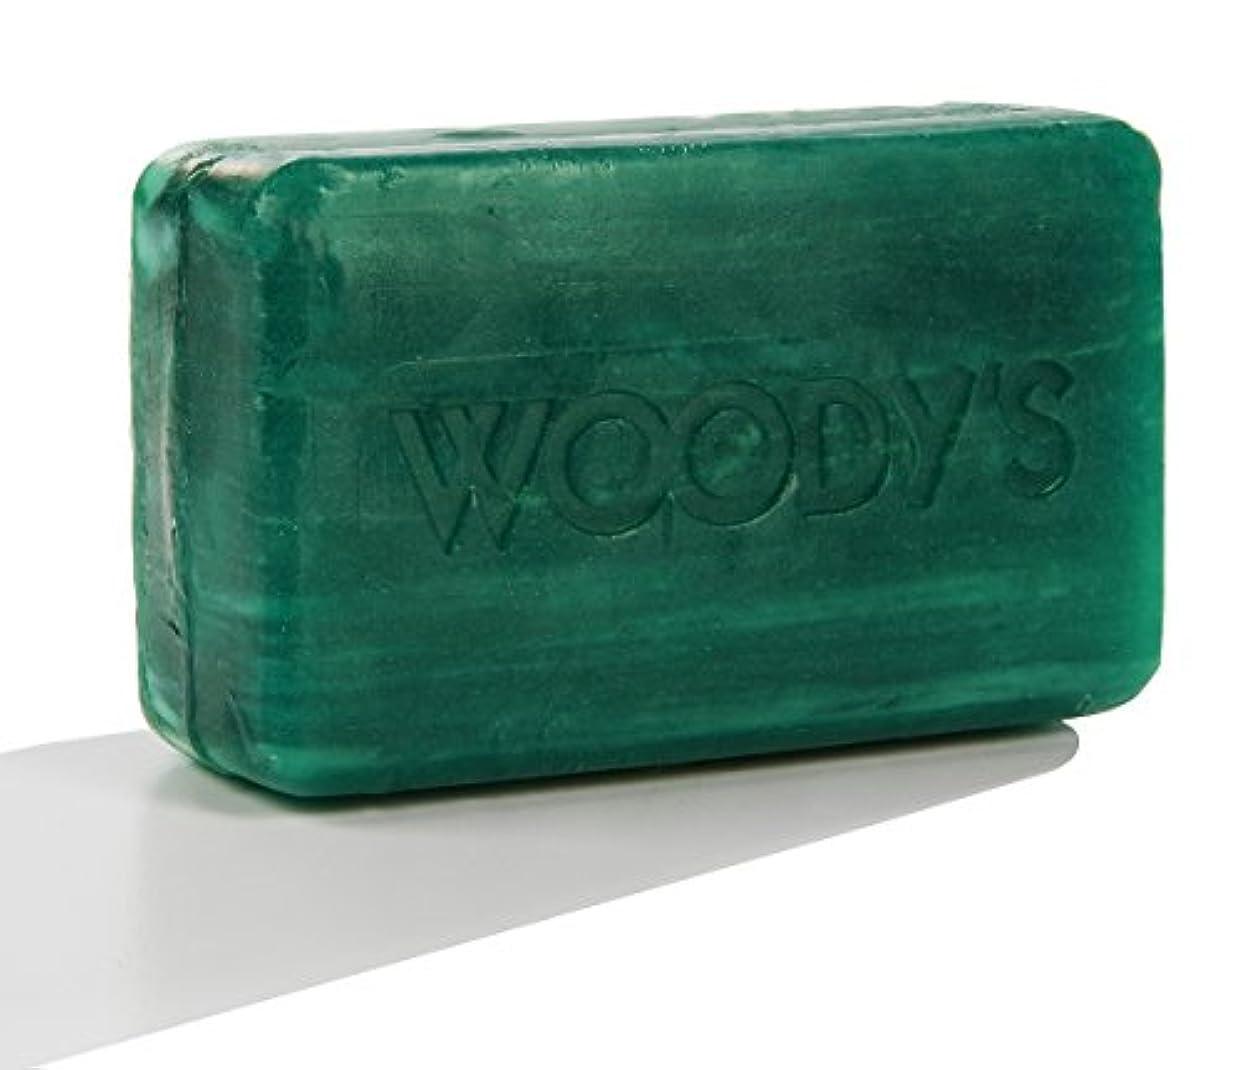 占めるリスク壮大なWoody's Moisturizing Bar 8oz